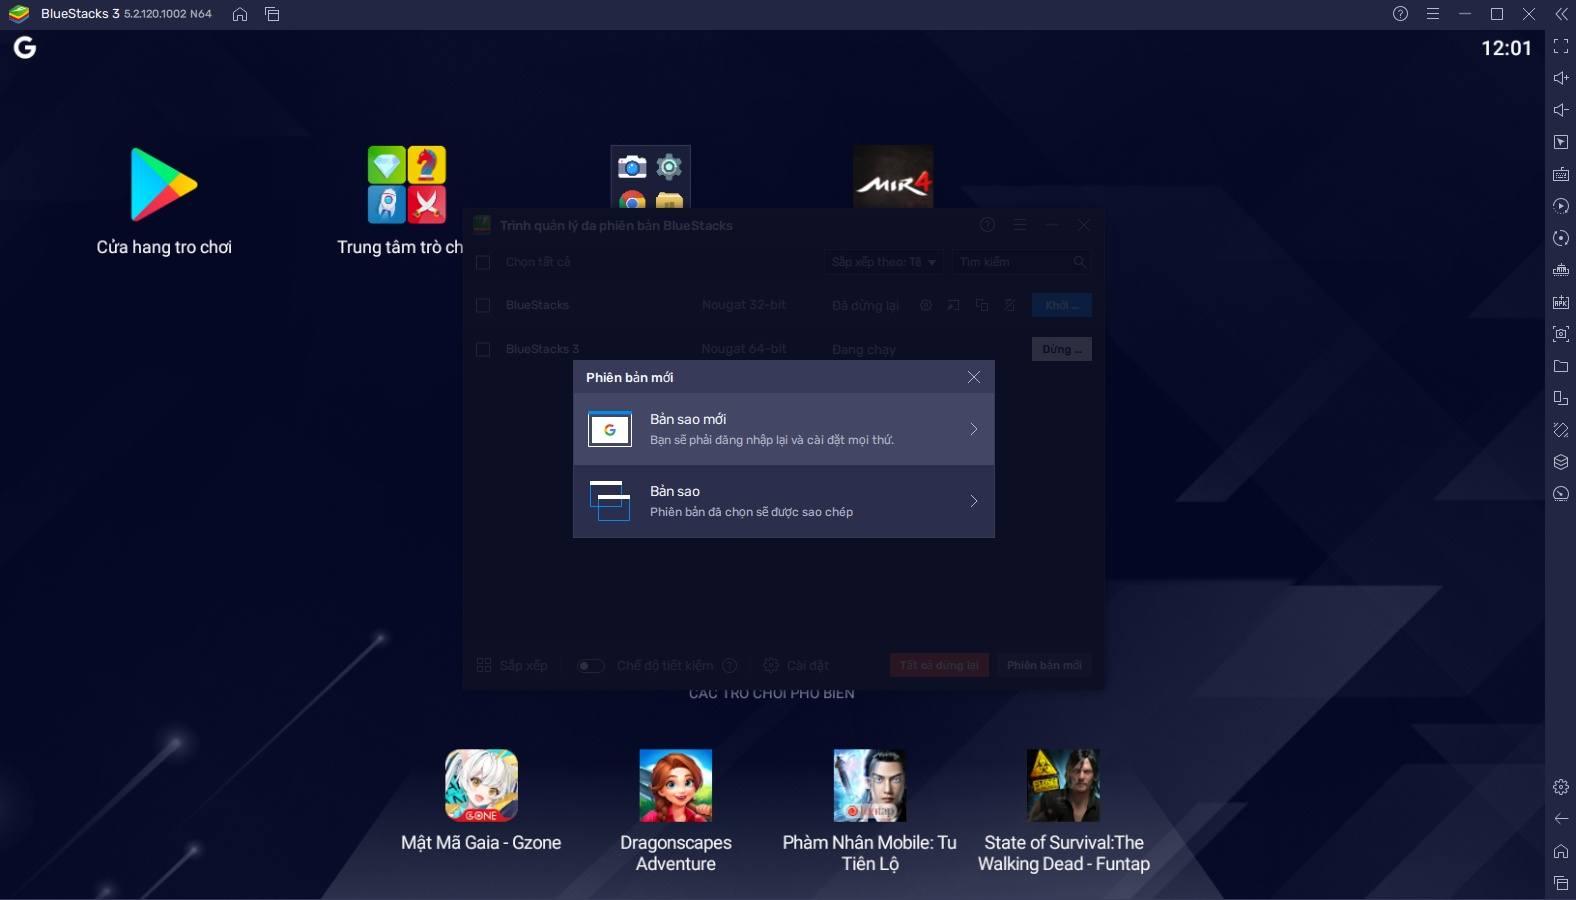 Hướng dẫn thiết lập chơi MIR4 trên PC bằng BlueStacks